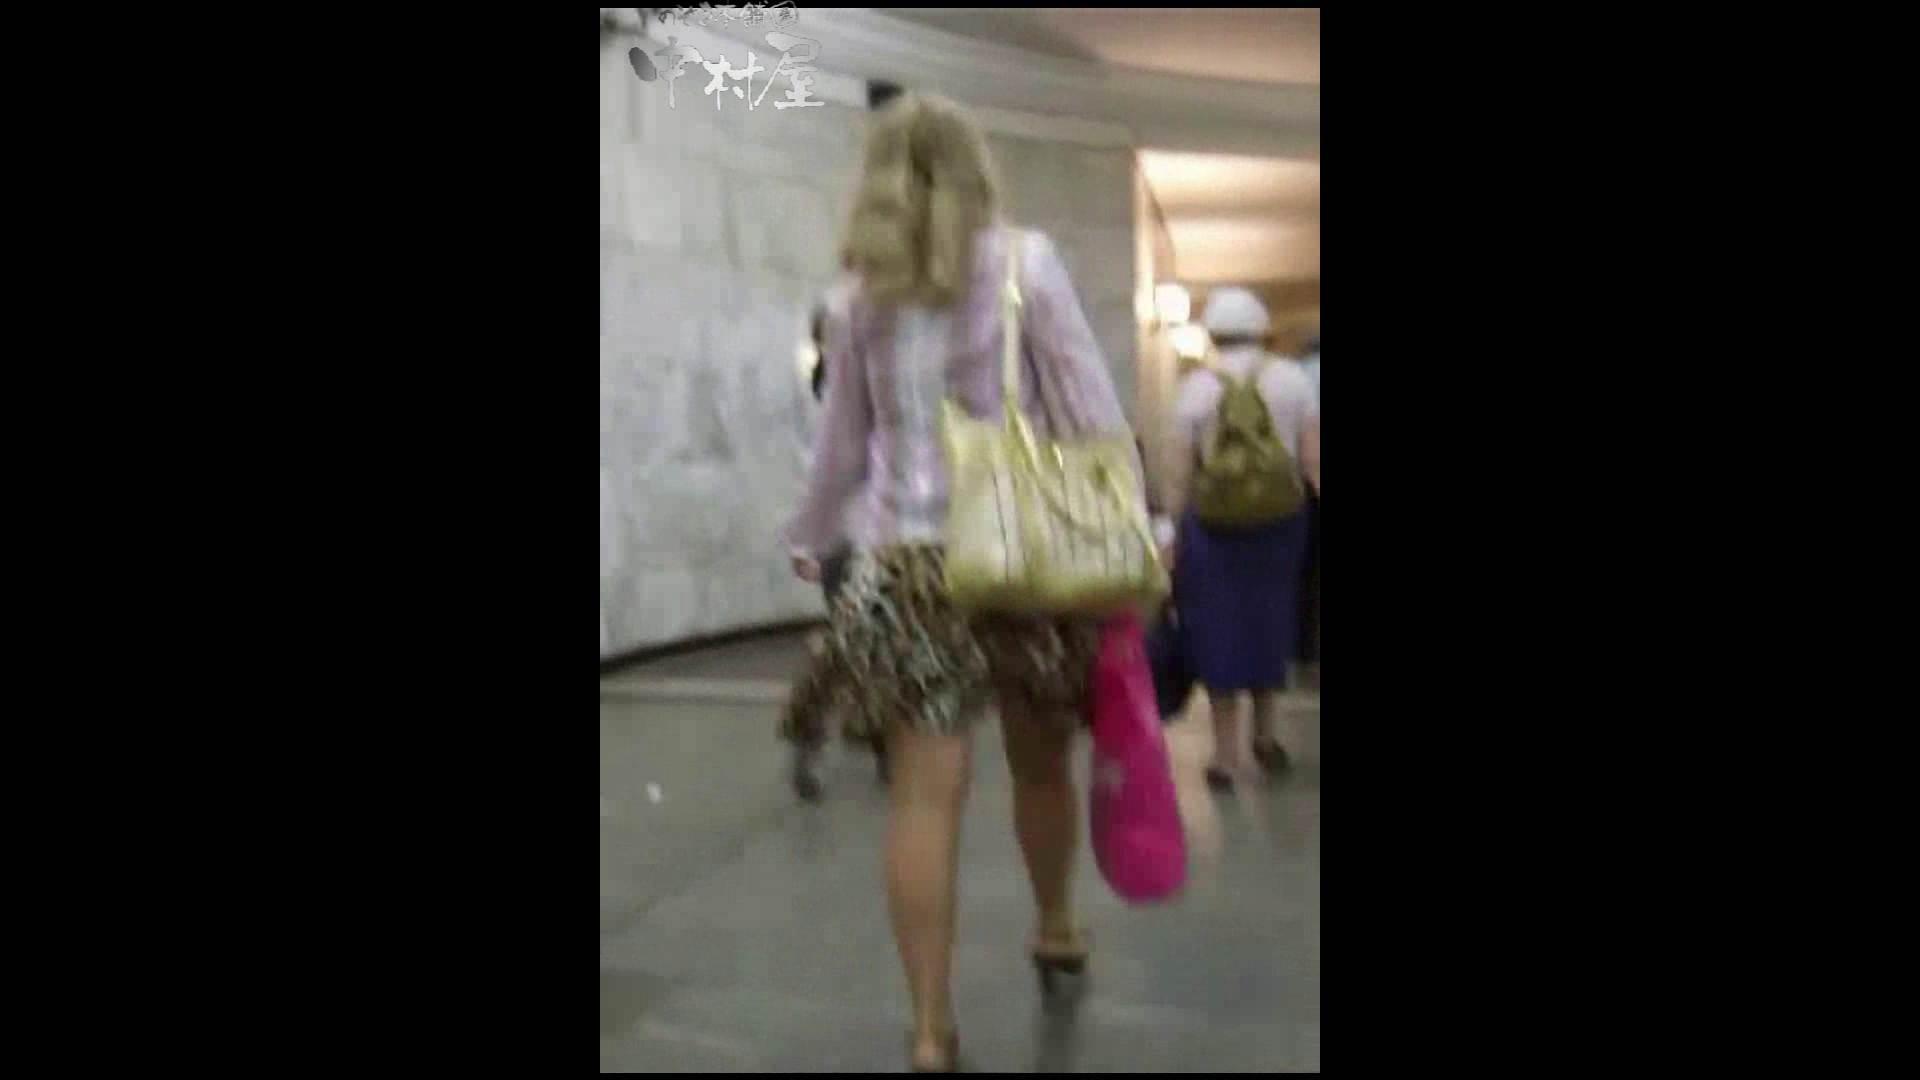 綺麗なモデルさんのスカート捲っちゃおう‼ vol07 OLのエロ生活  66連発 9